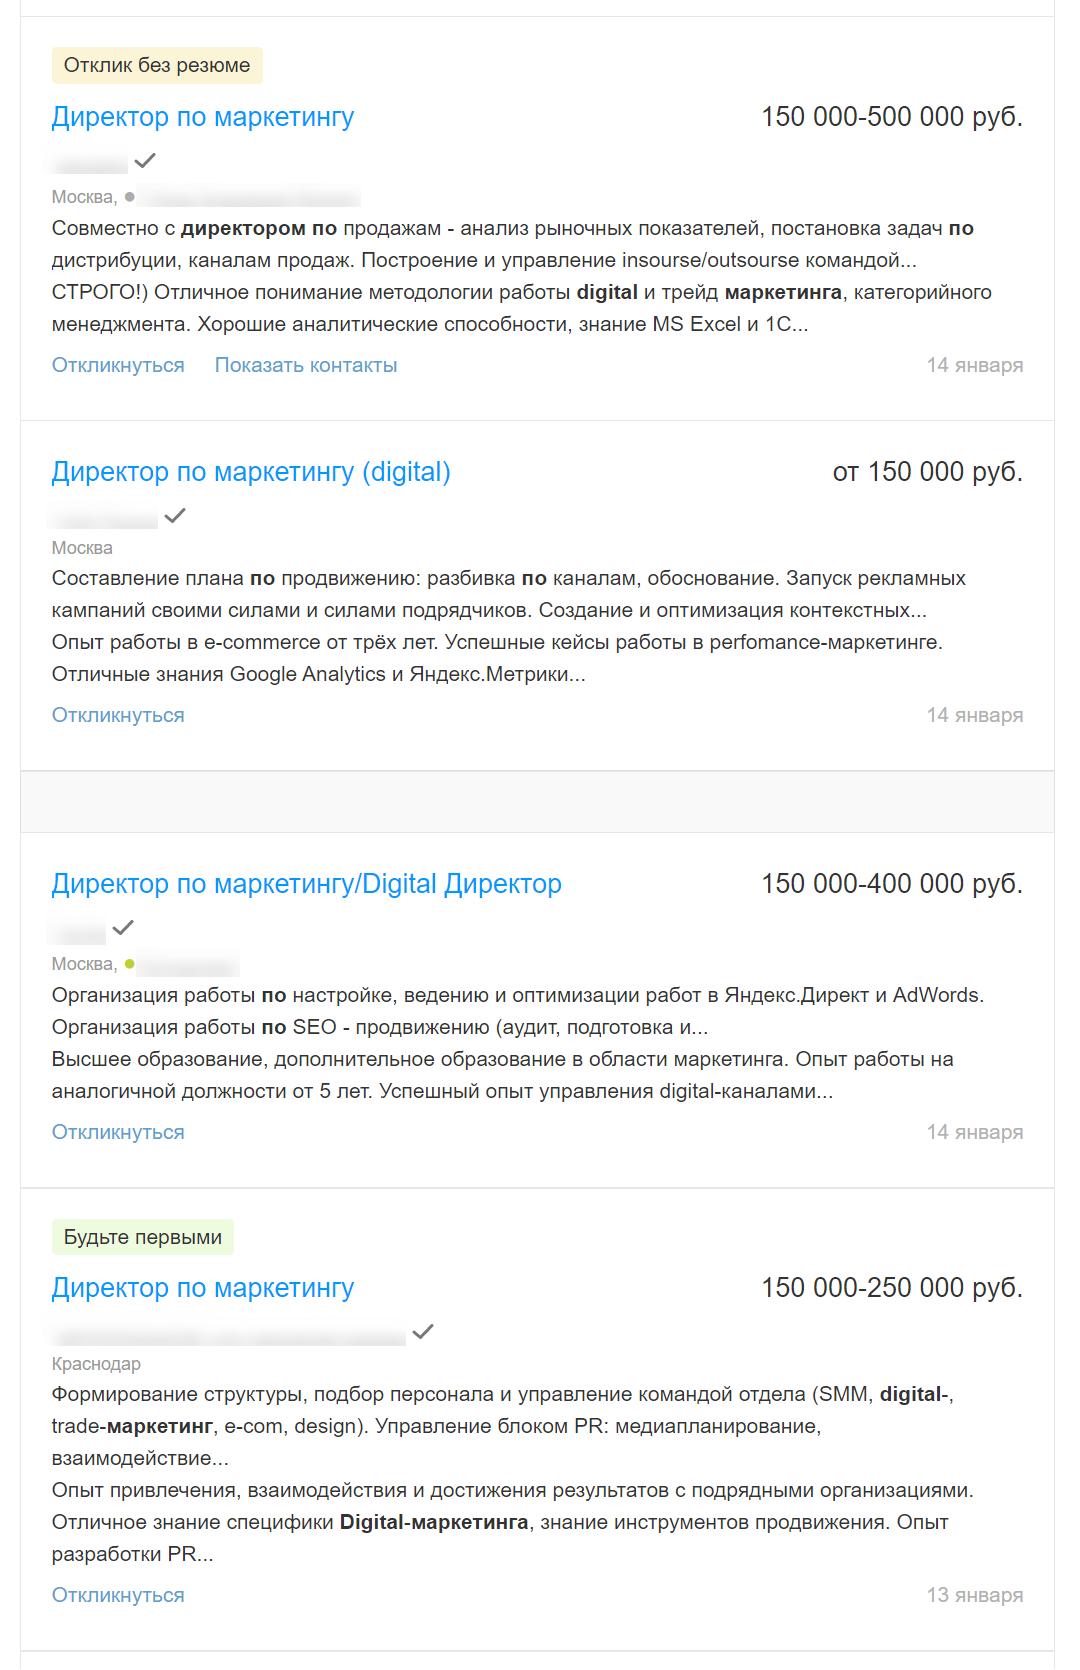 Сколько получает директор по интернет-маркетингу по России